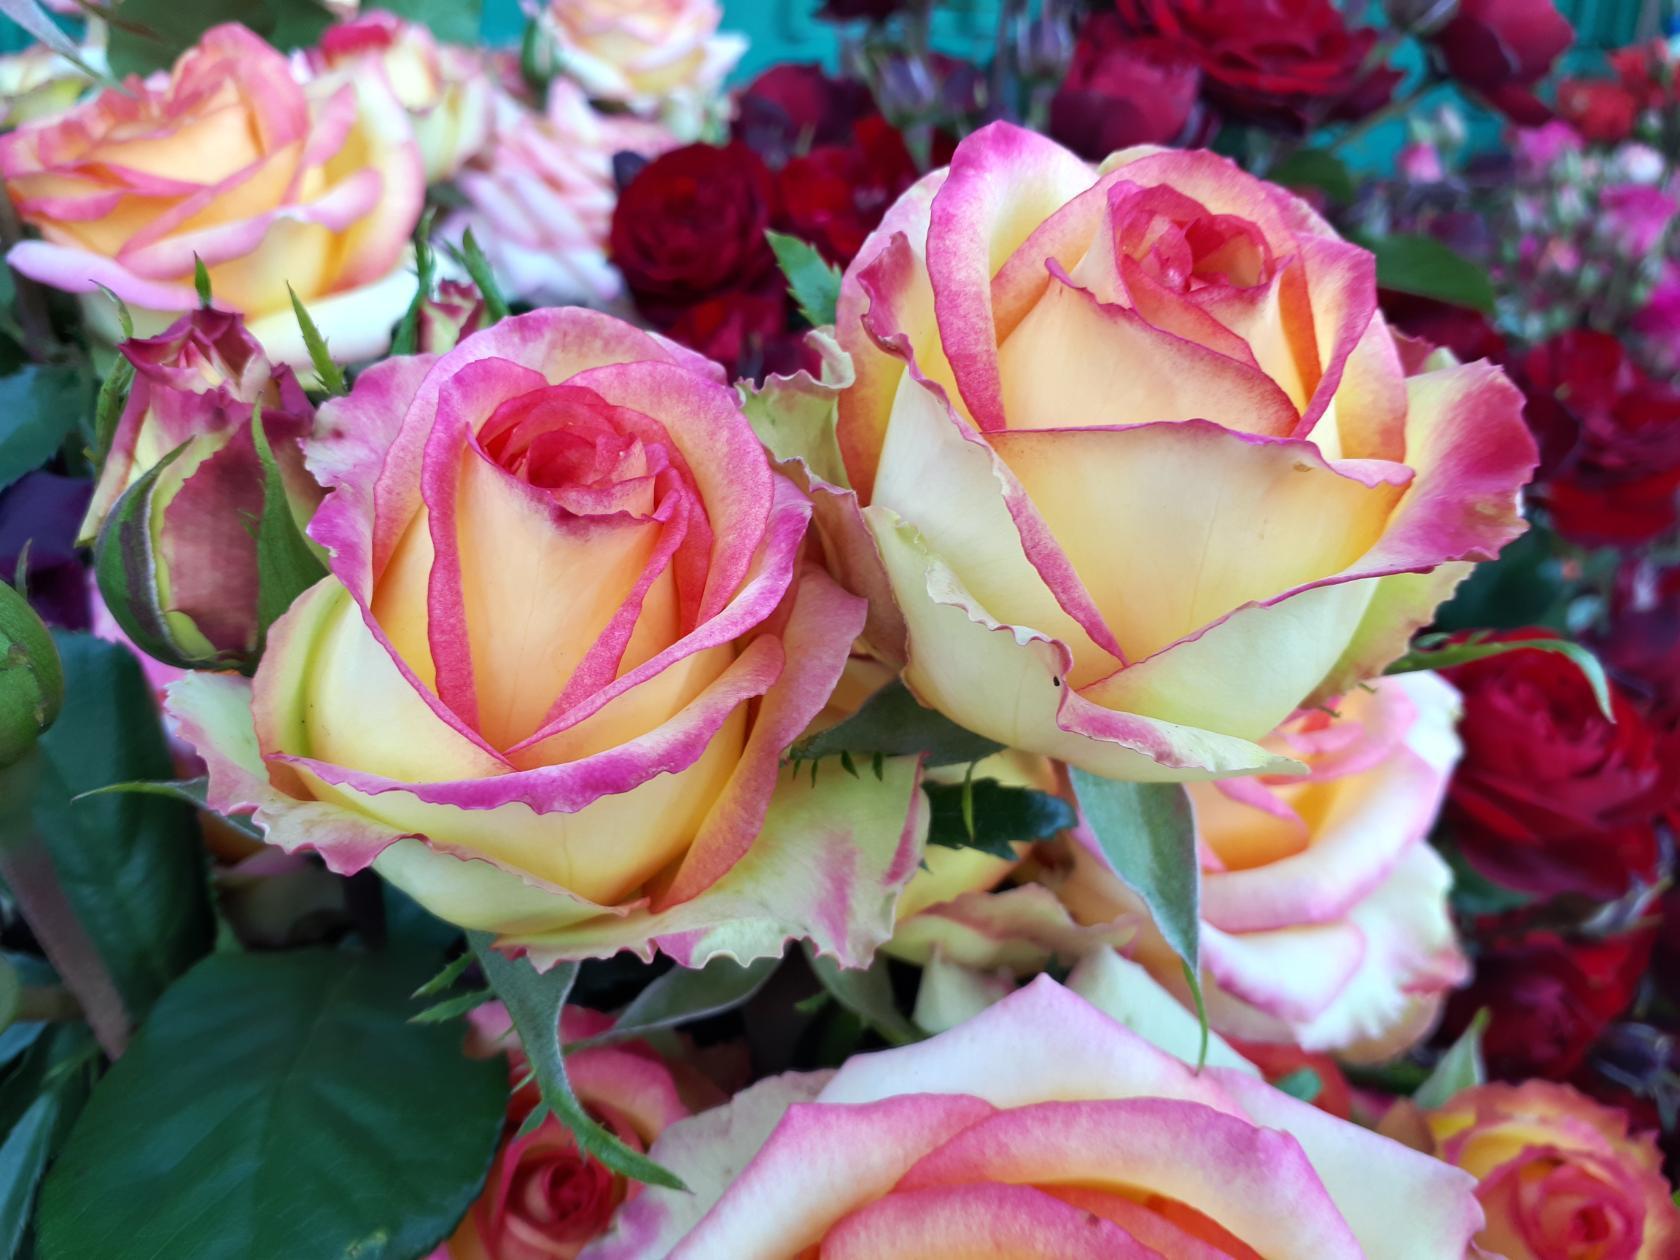 частым картинки роз по почте хорошем техническом состоянии